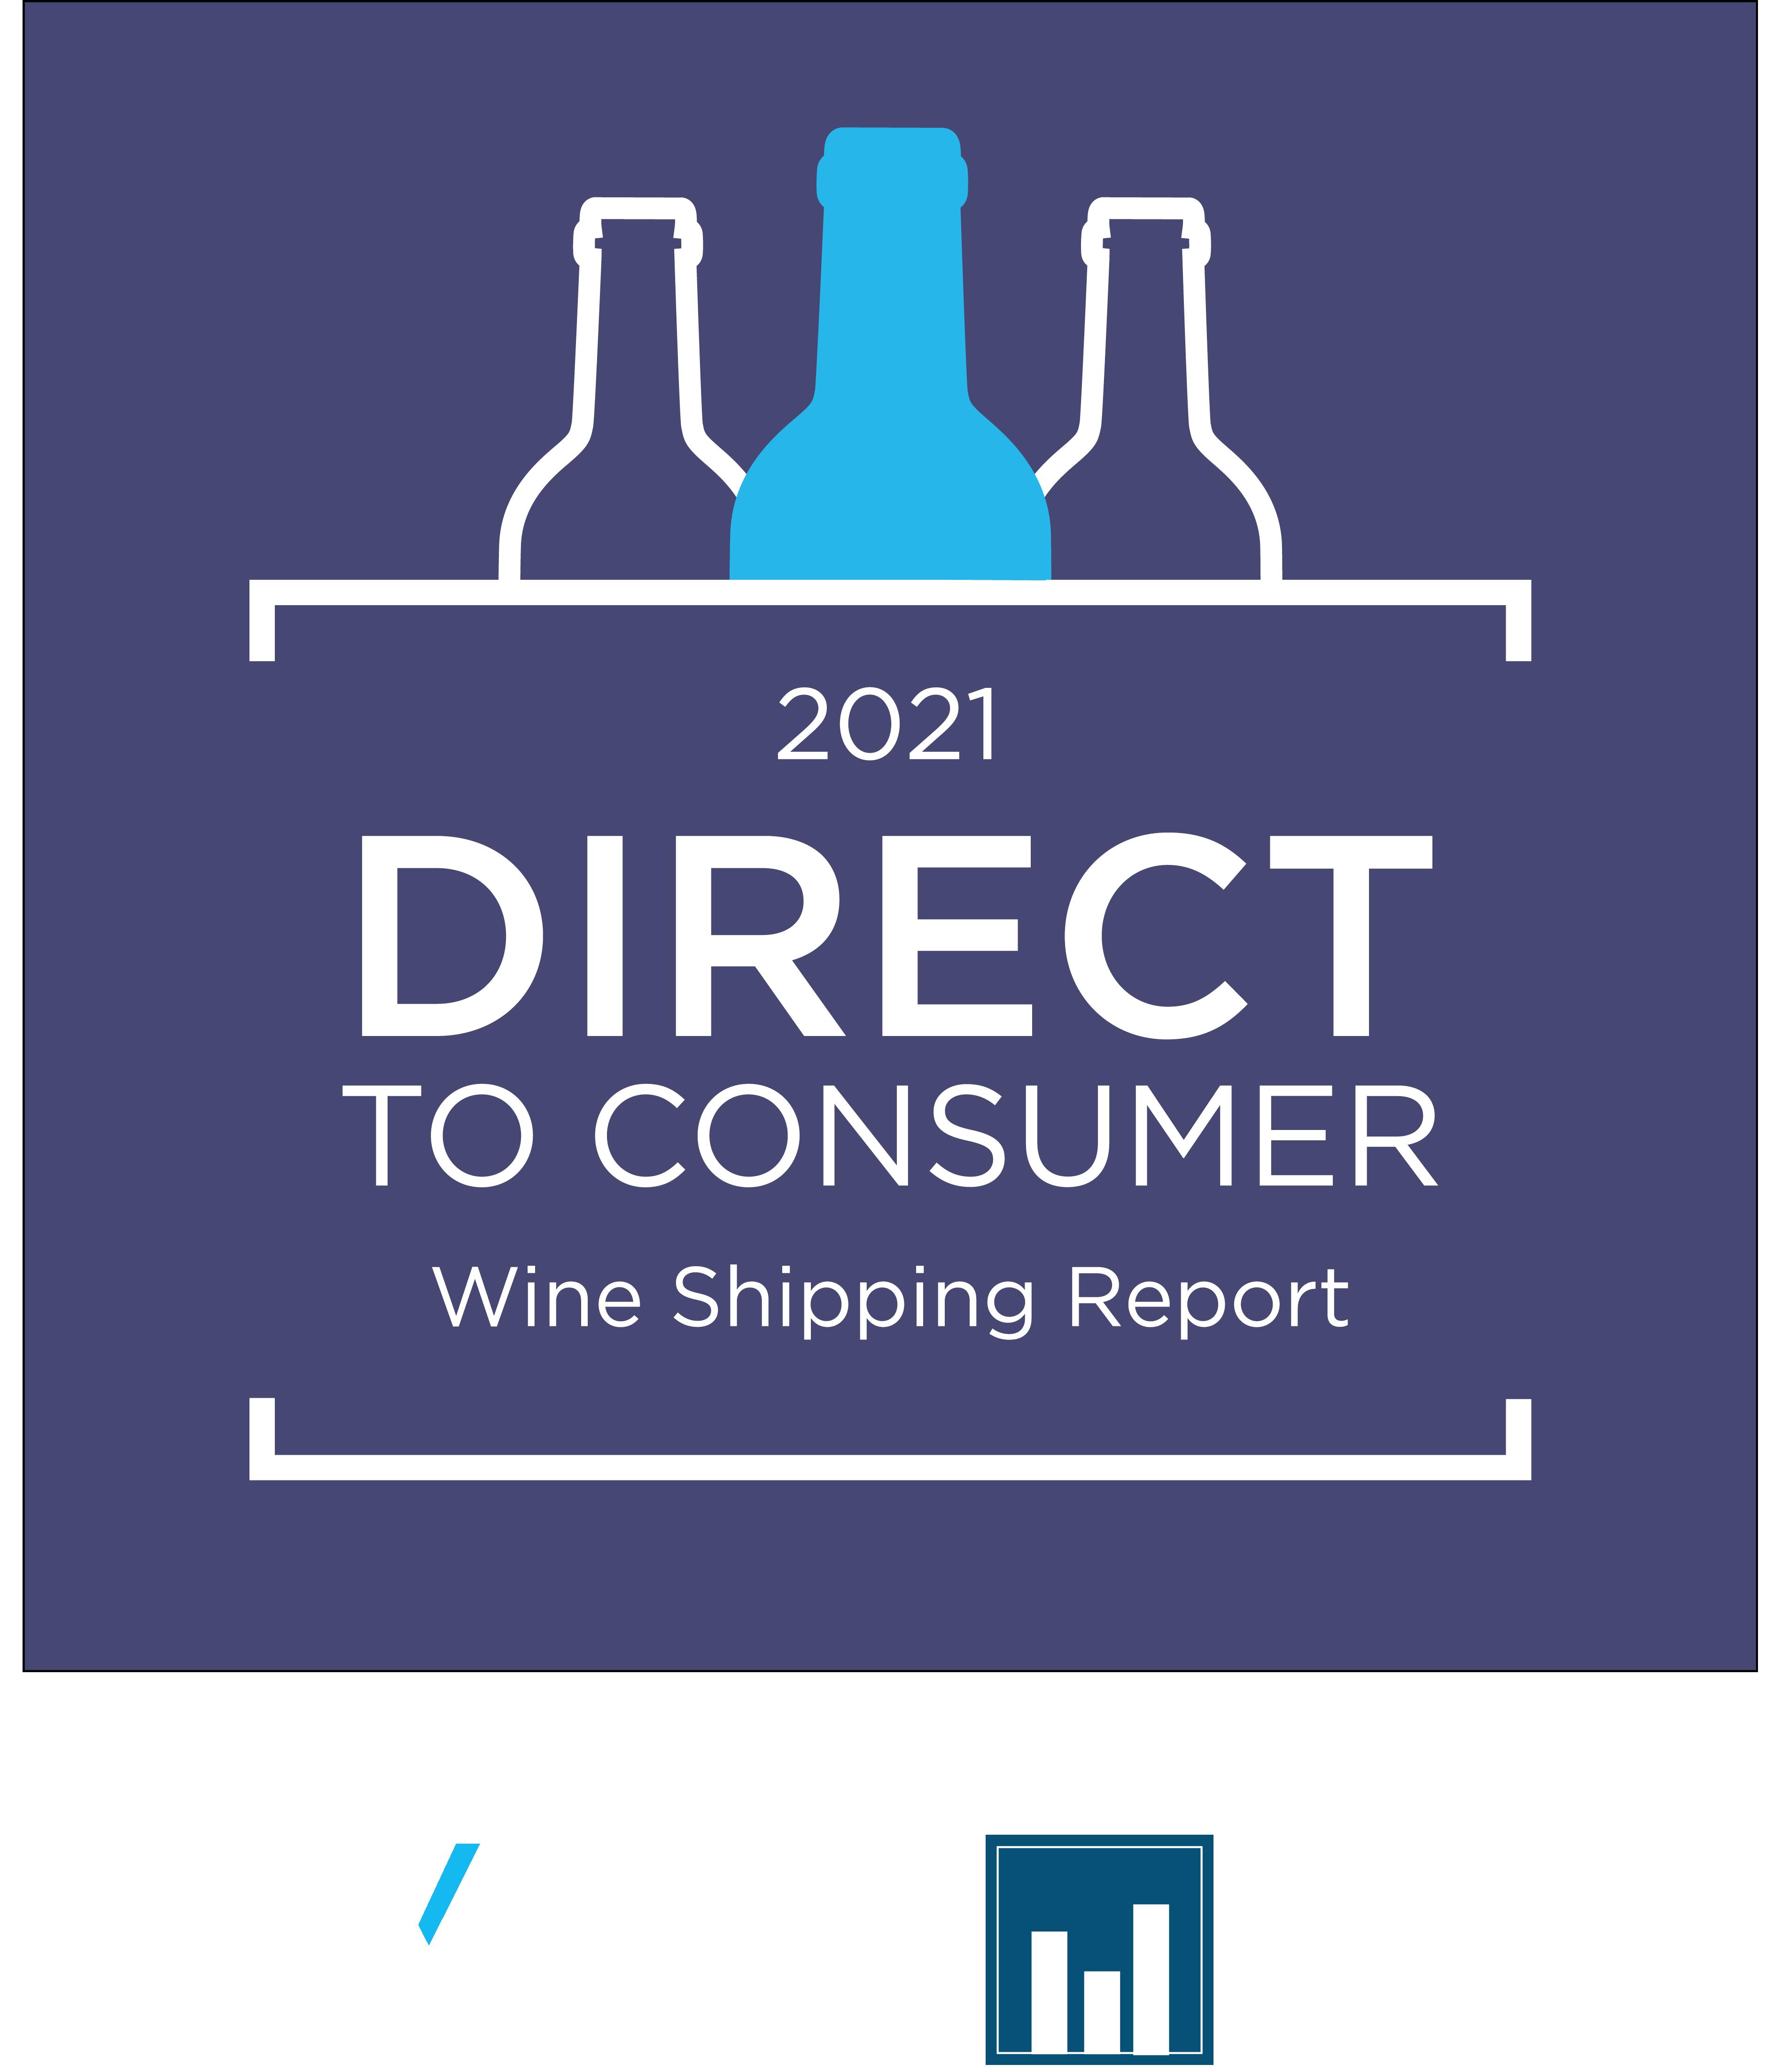 dtc-wine-report-2021